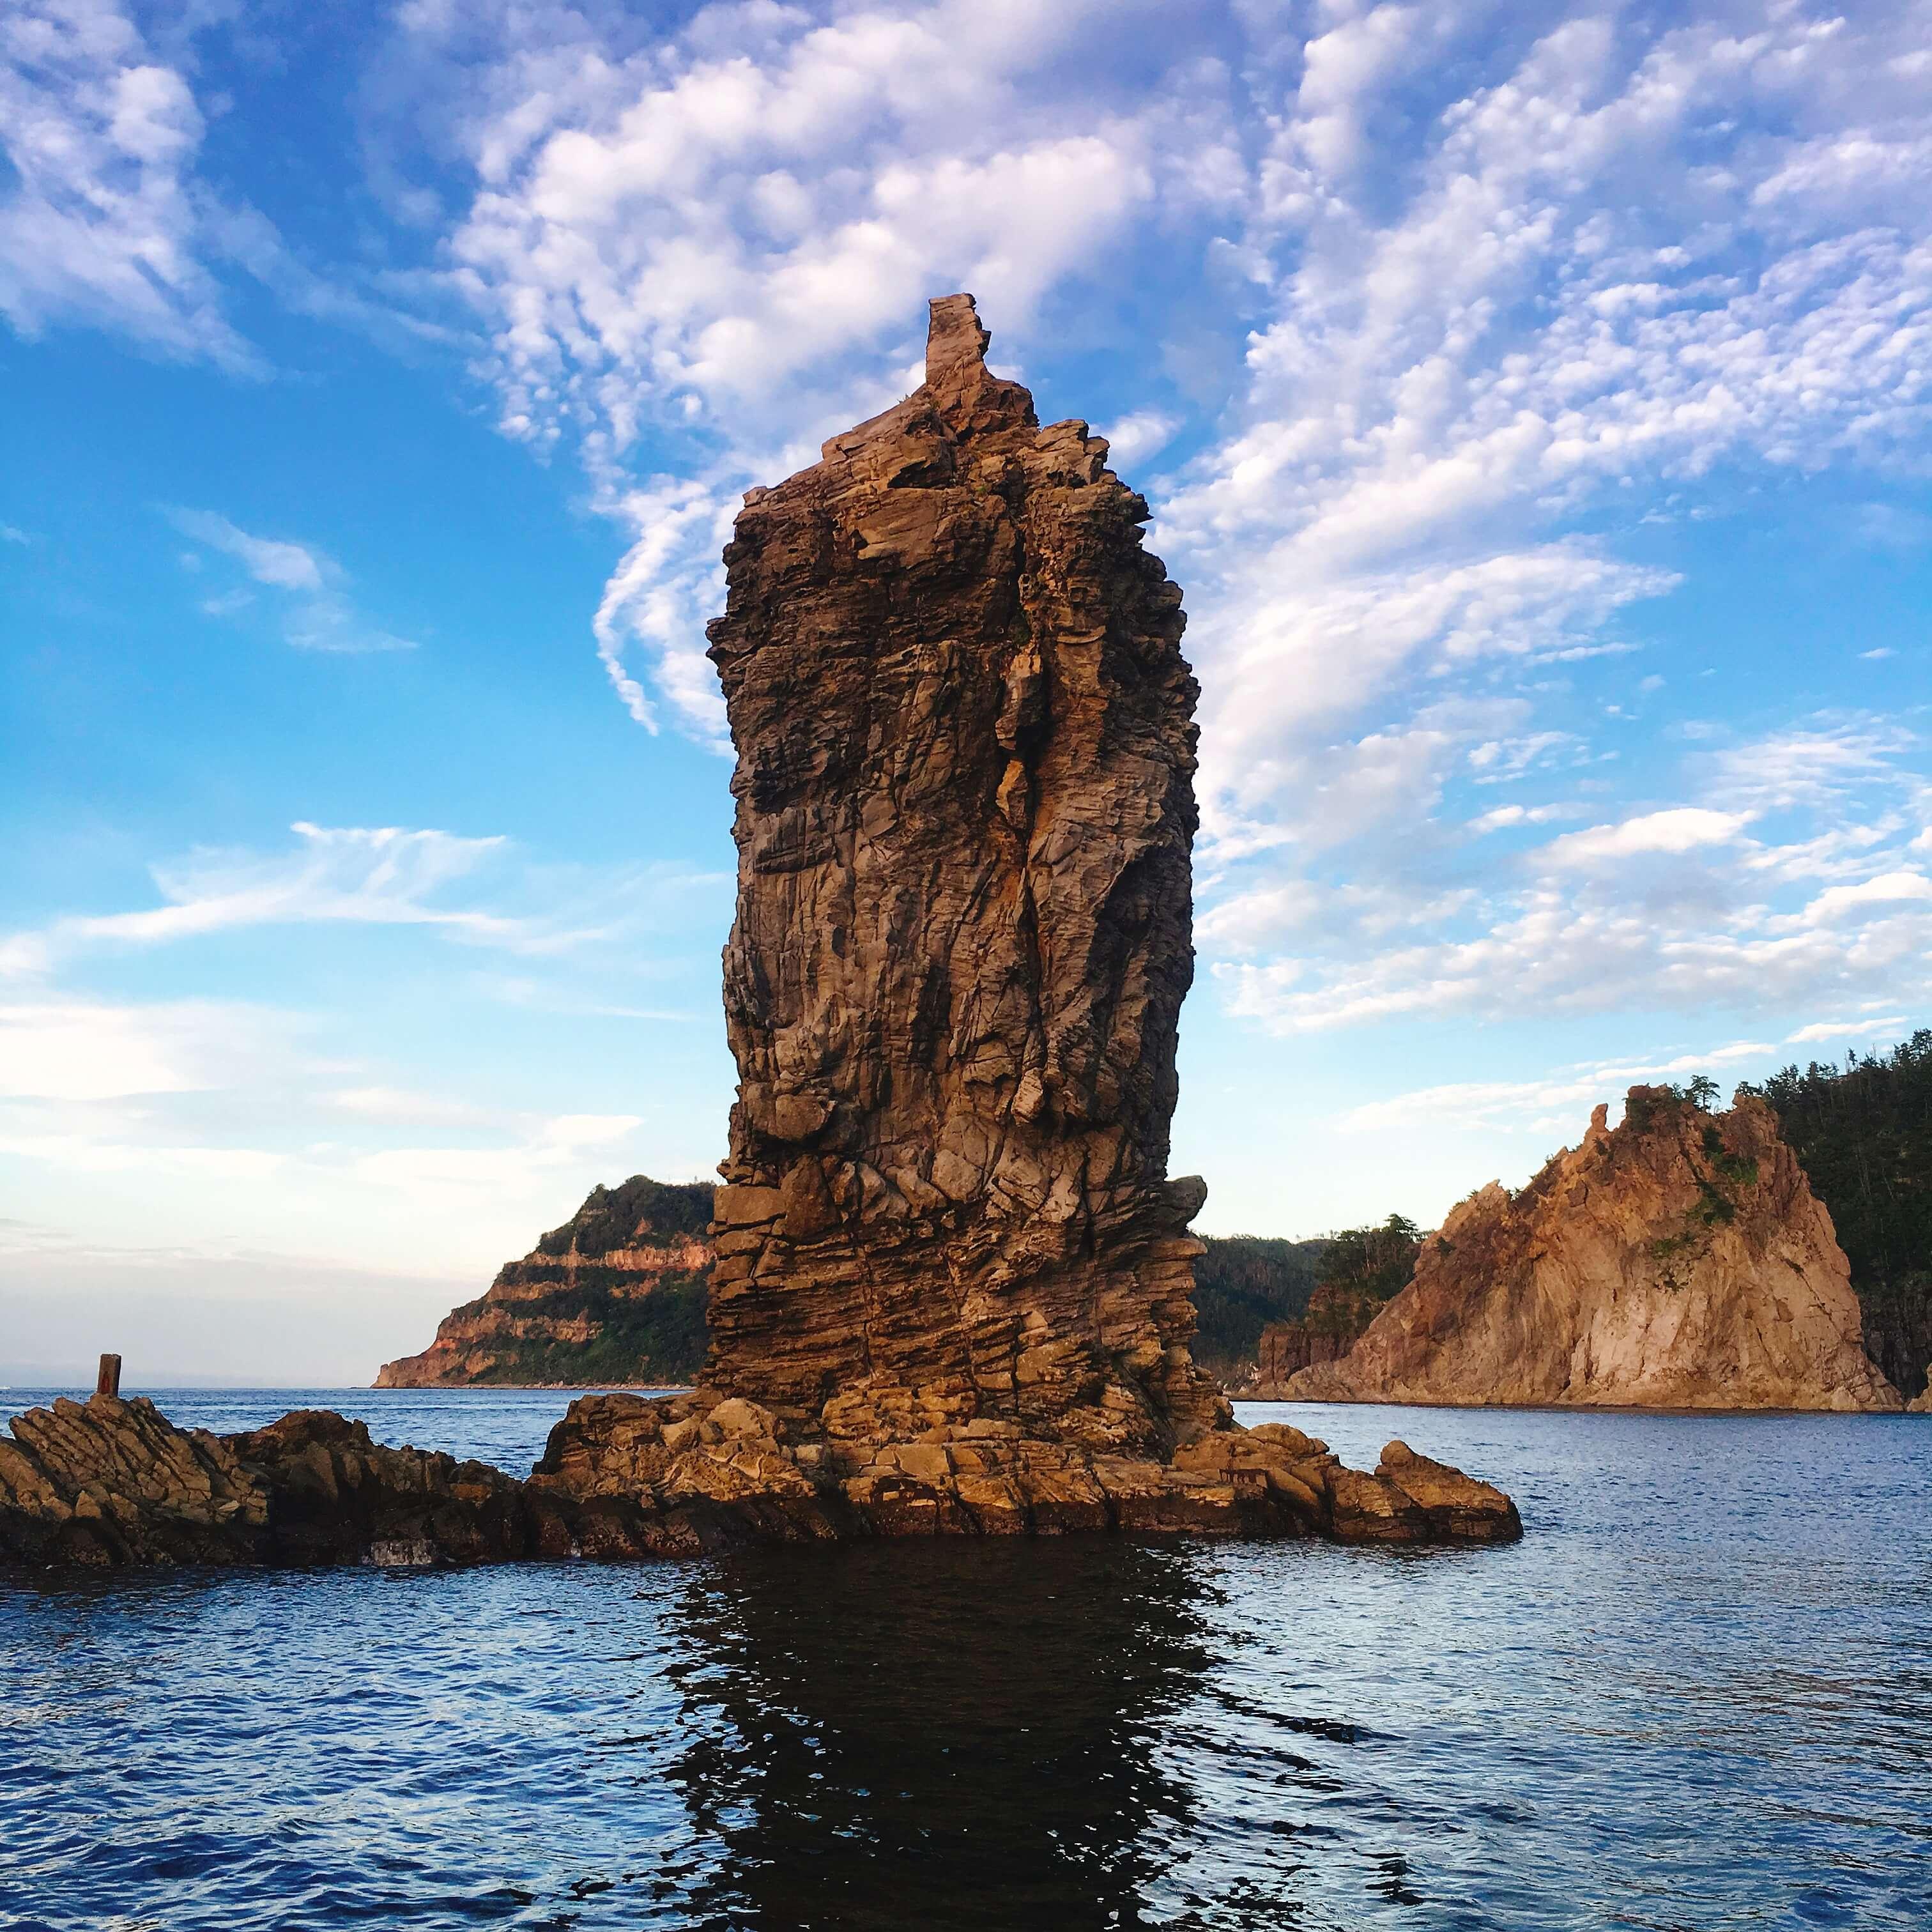 島根の観光名所ロウソク島